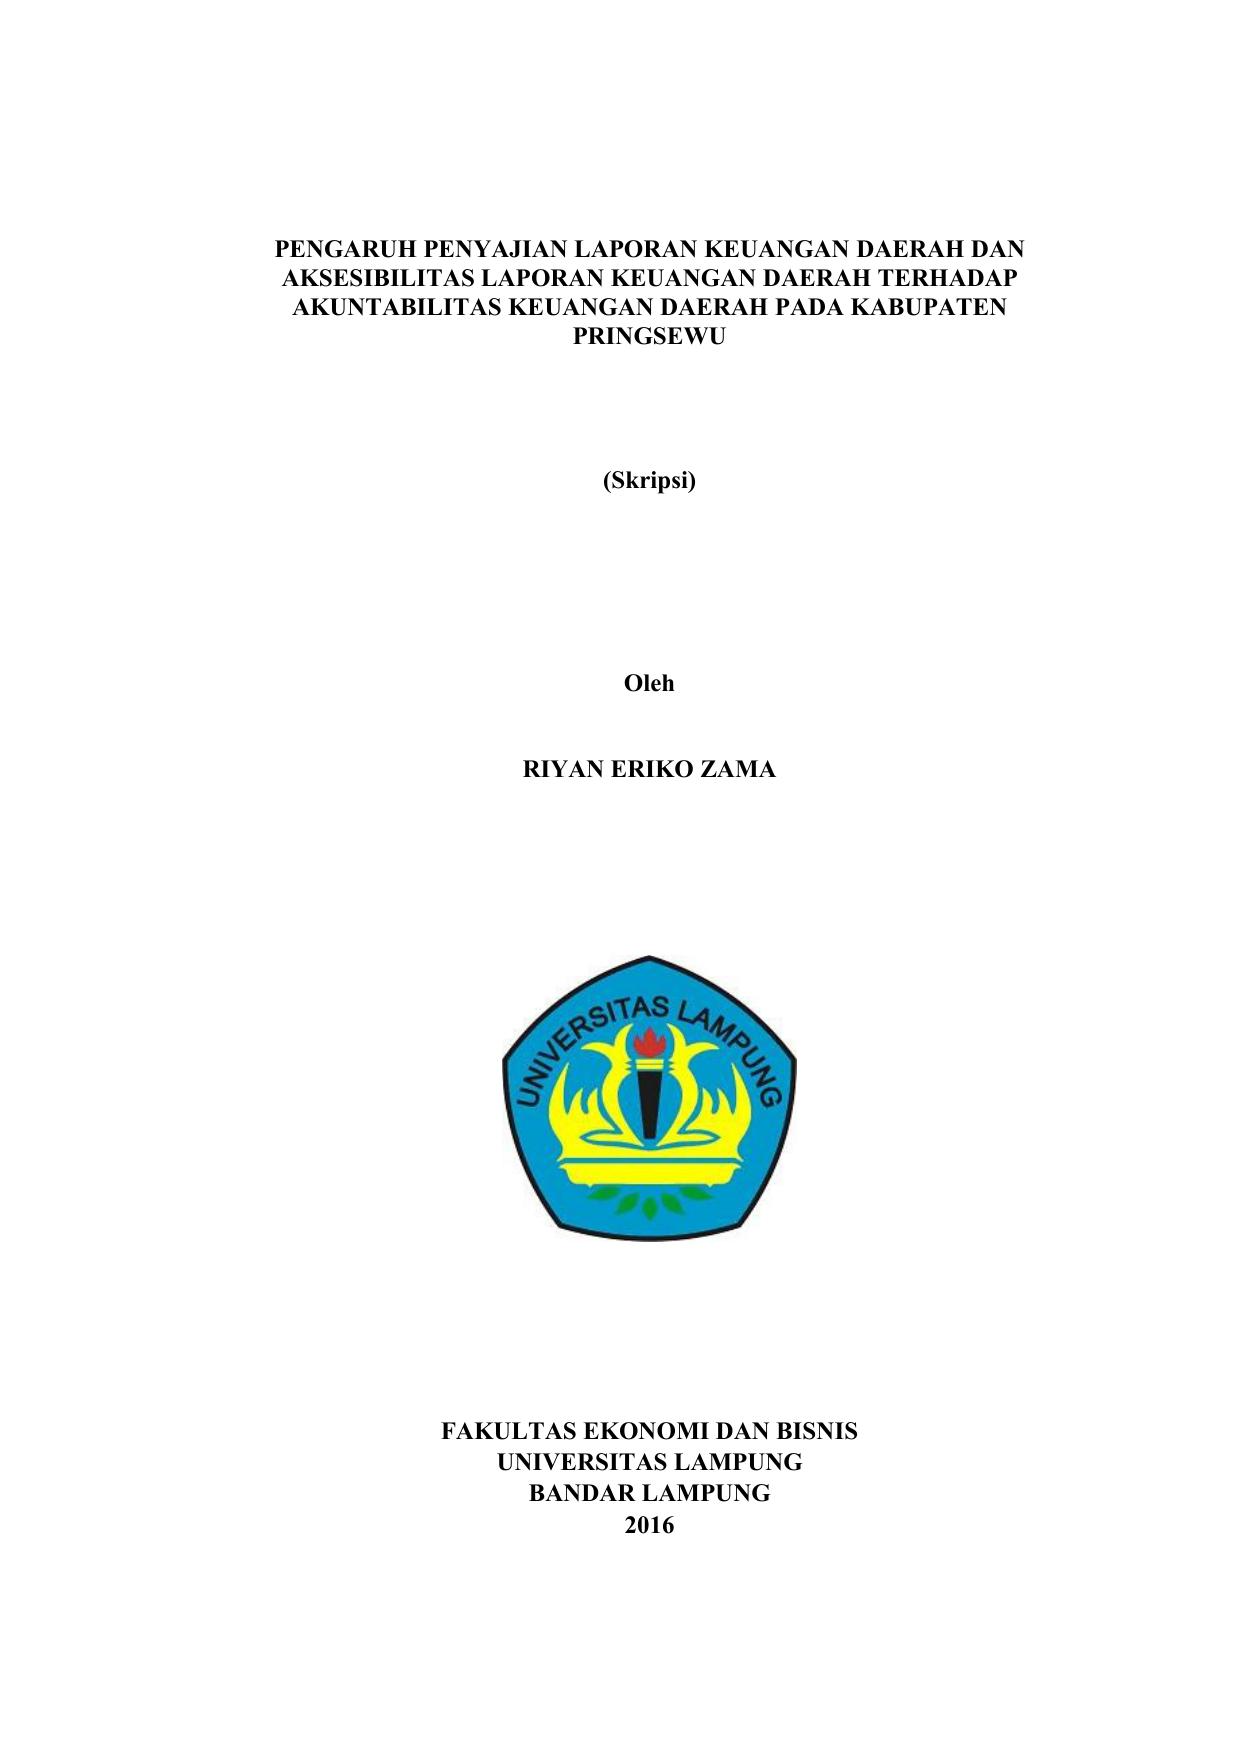 Pengaruh Penyajian Laporan Keuangan Daerah Dan Aksesibilitas